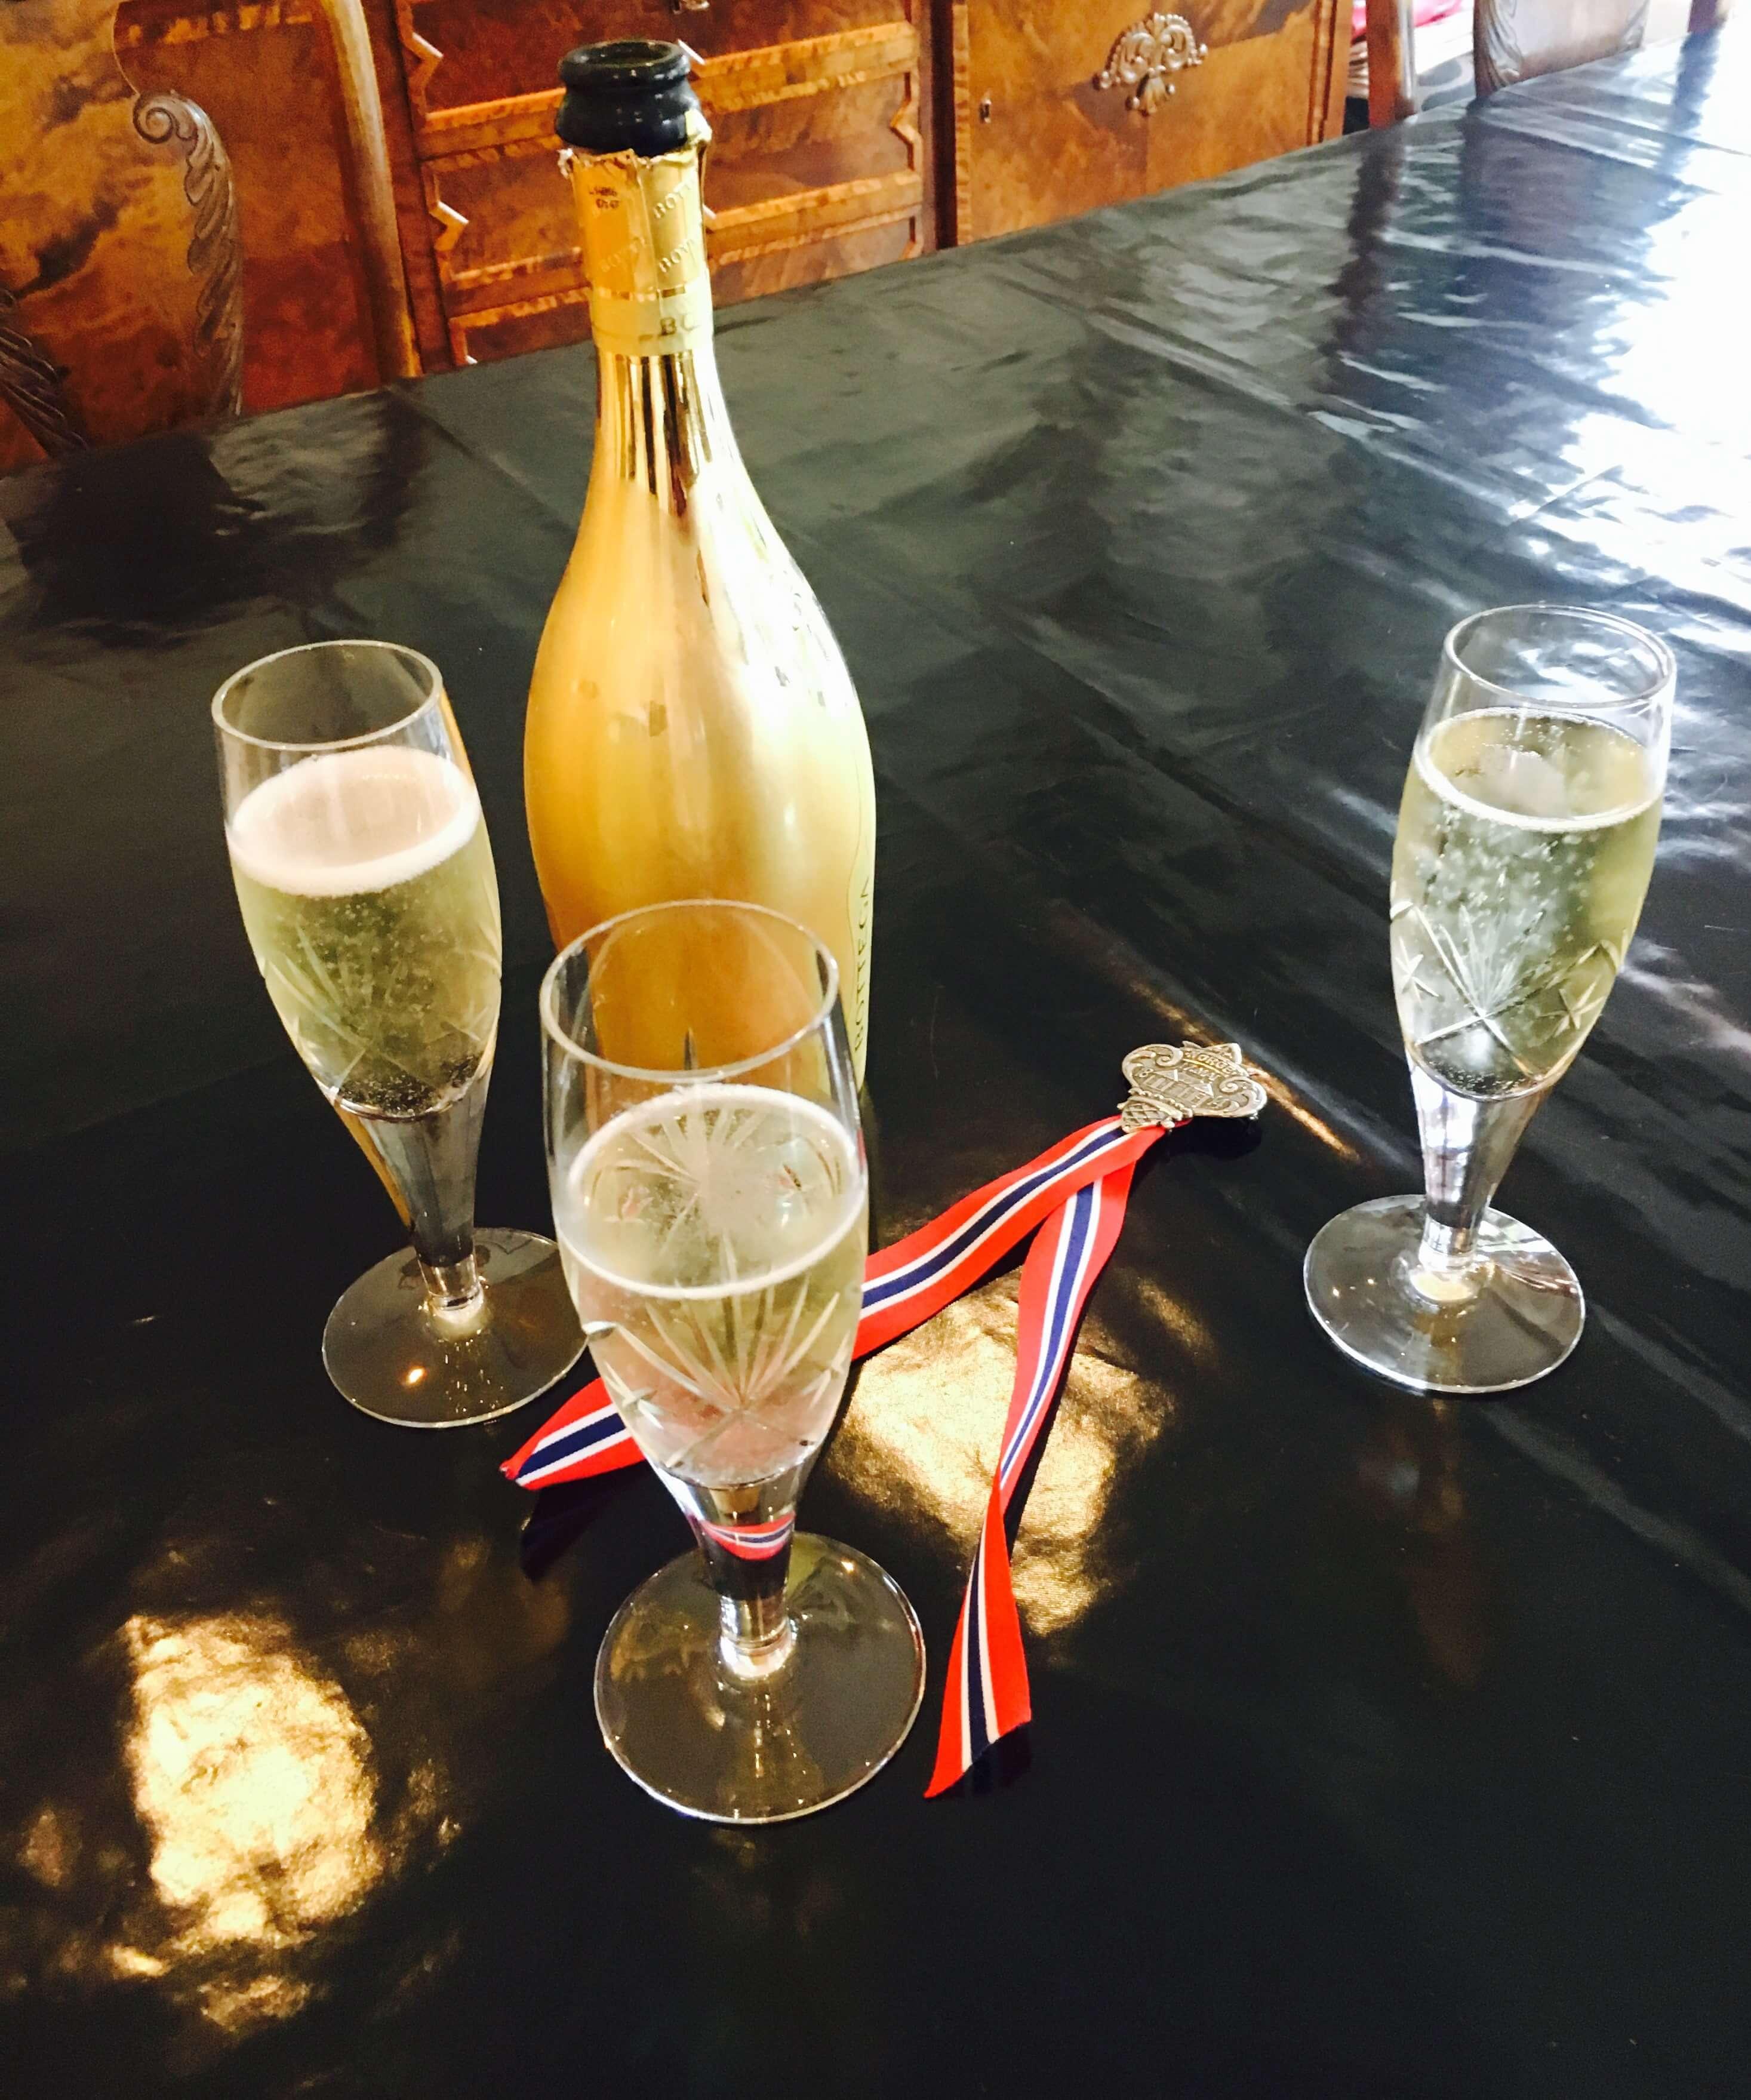 Trenger du en vinmeny til 17. mai? Her har jeg tips til viner du kan kjøpe inn til nasjonaldagen! Den inneholder musserende, hvitvin, rødvin og alkoholfritt. Ønsker deg en flott feiring! Hurra for 17. mai!